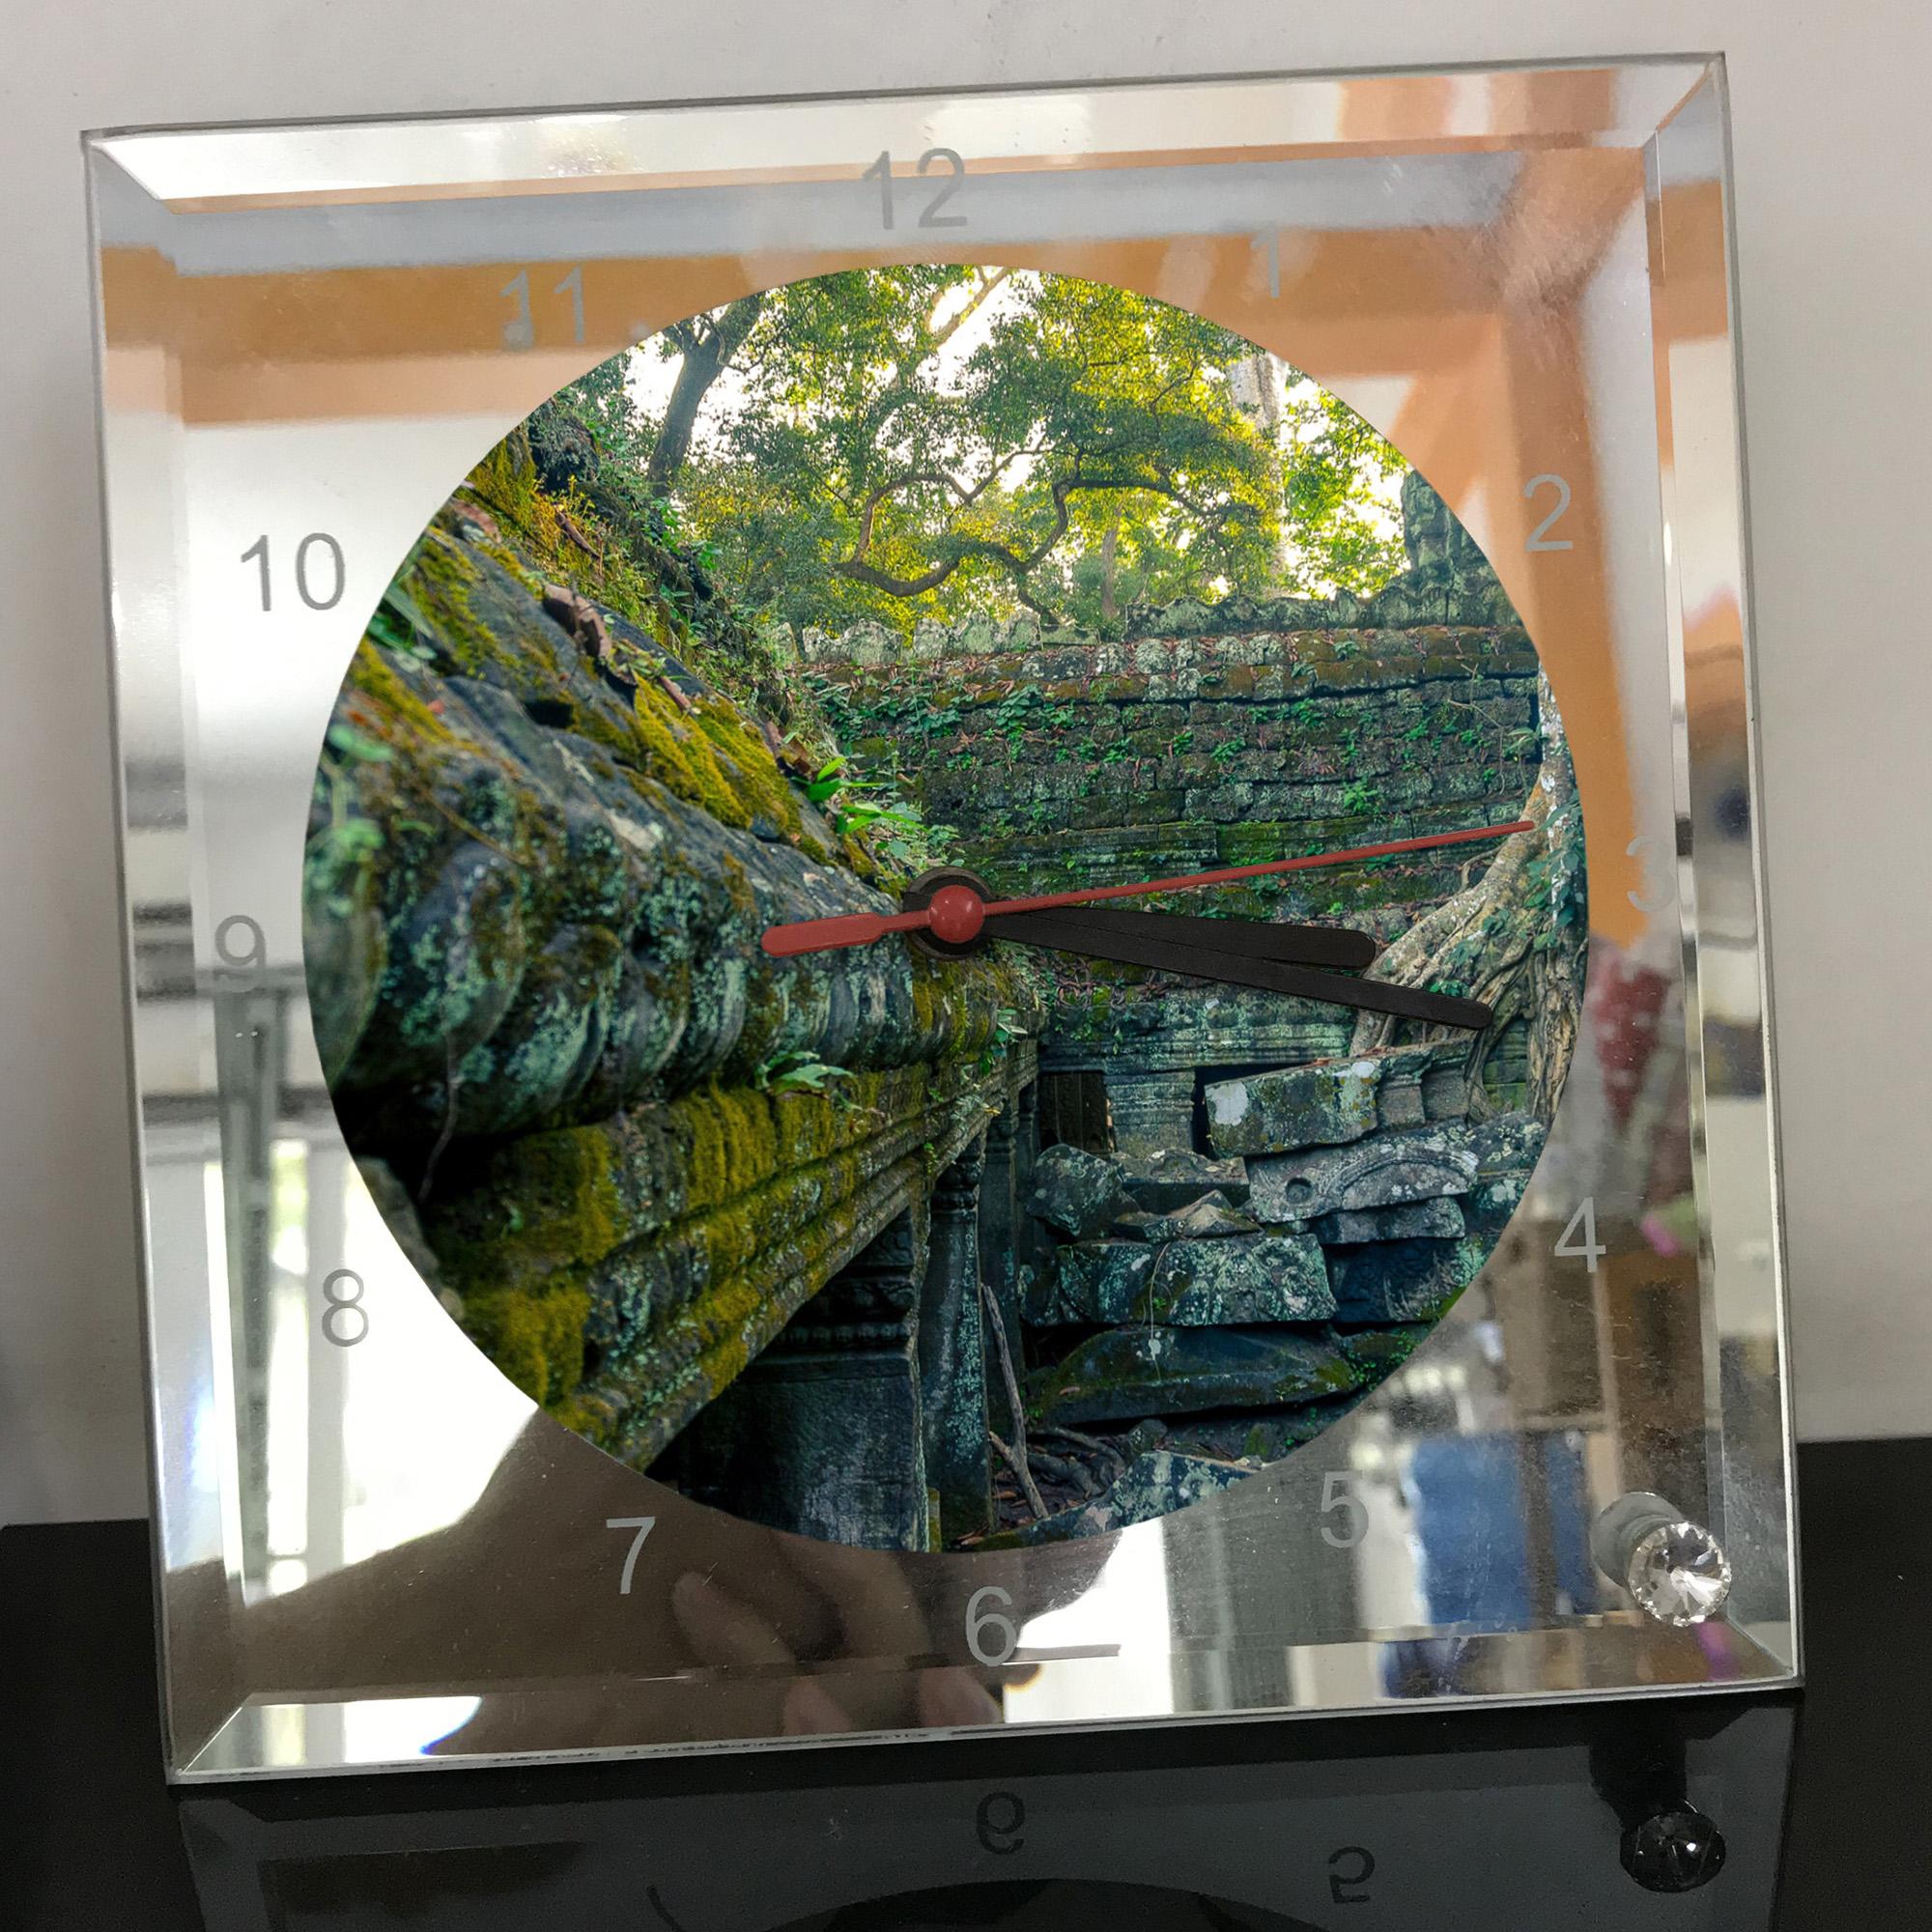 Đồng hồ thủy tinh vuông 20x20 in hình đền Angkor Wat (1) . Đồng hồ thủy tinh để bàn trang trí đẹp chủ đề tôn giáo